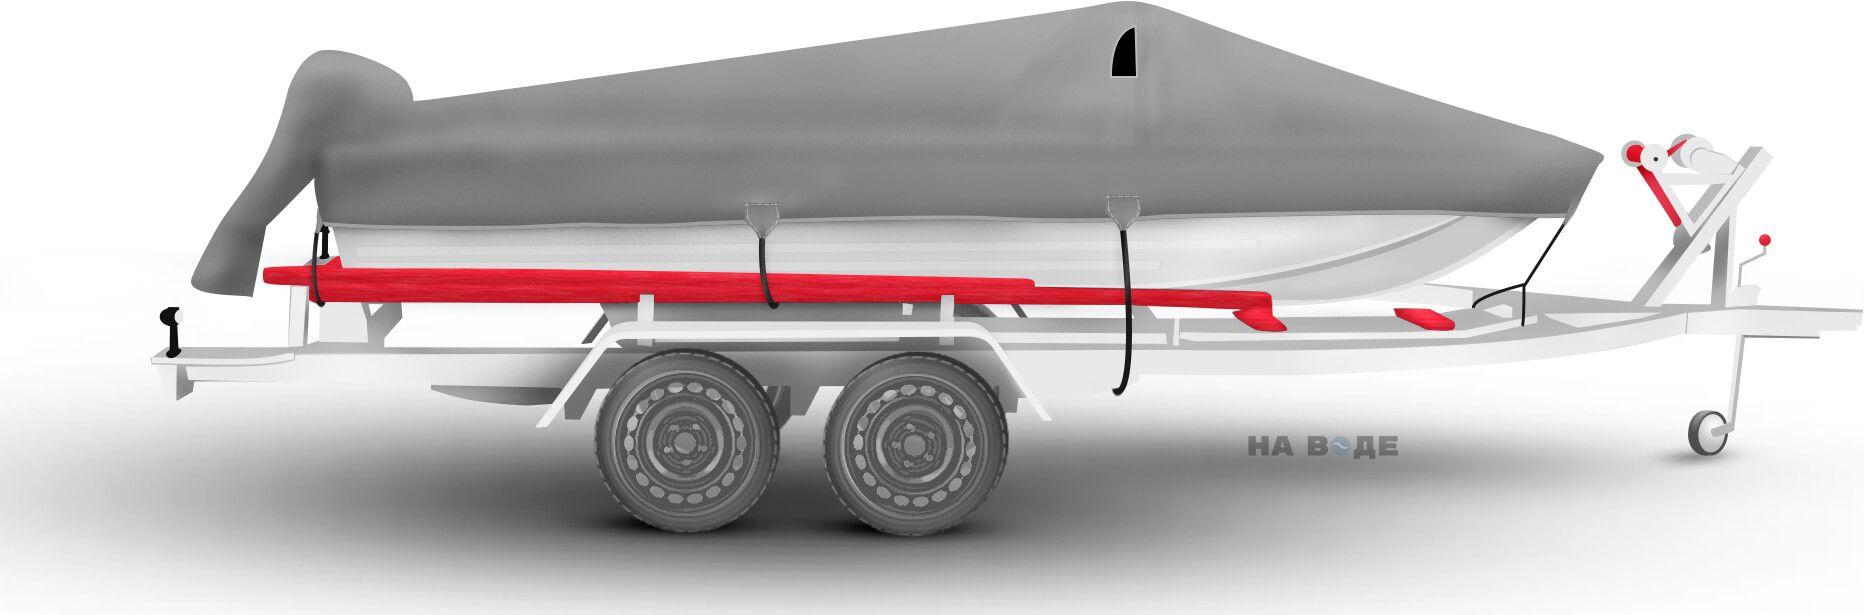 Транспортировочный тент на лодку Южанка-2 комплектация C накрытием мотора - фото 3